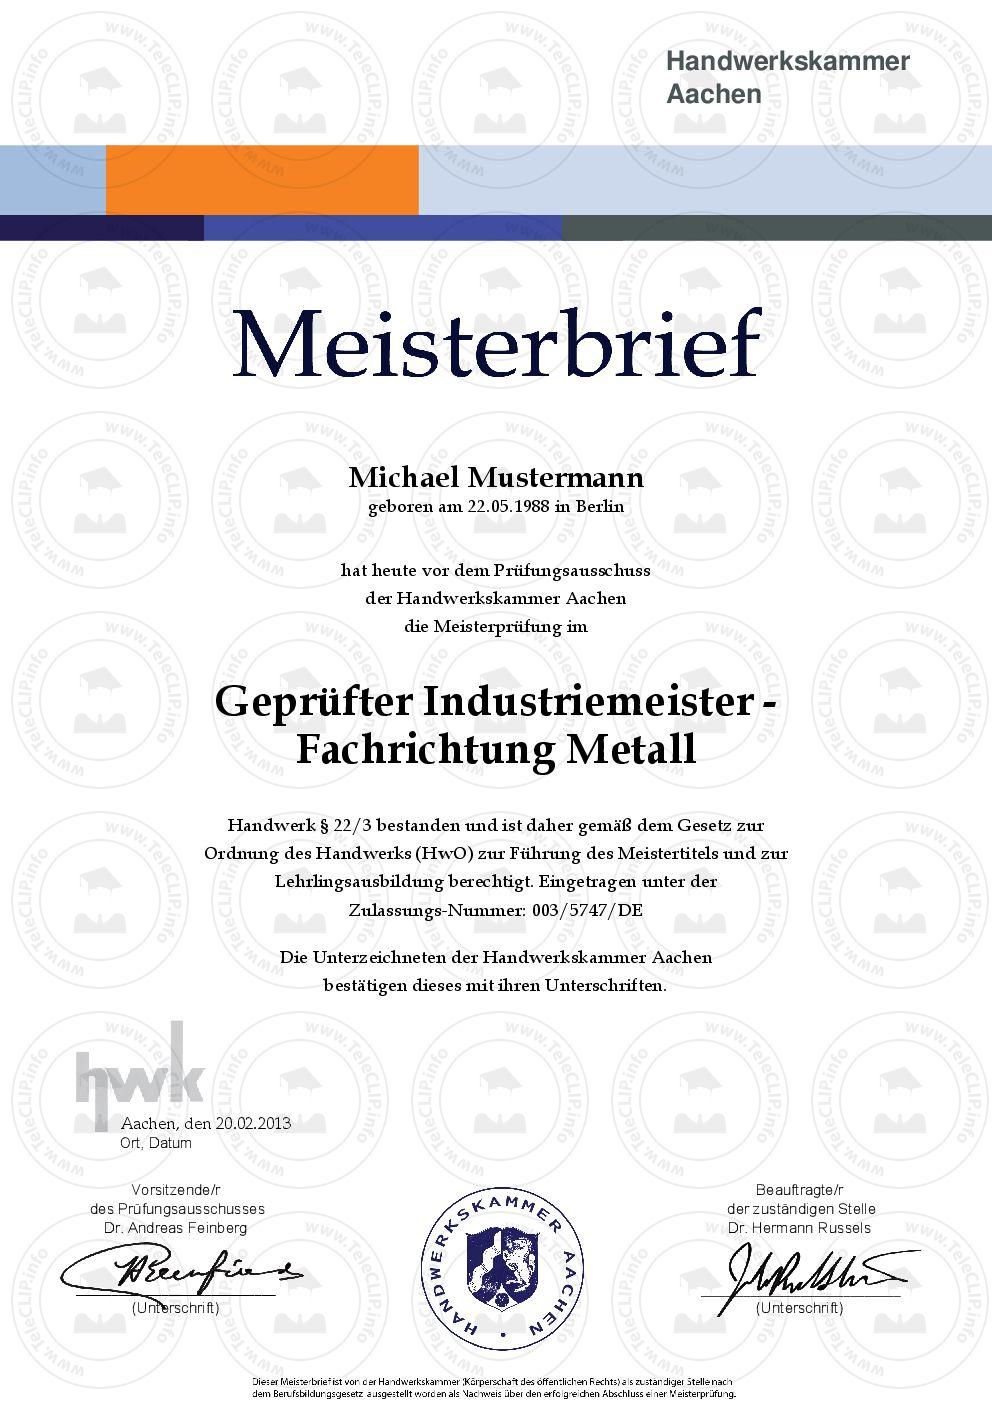 Pin On Hwk Meisterbrief Kaufen Mit Ihrem Wunschberuf Meistertitel Urkunde Fur Den Handwerksberuf